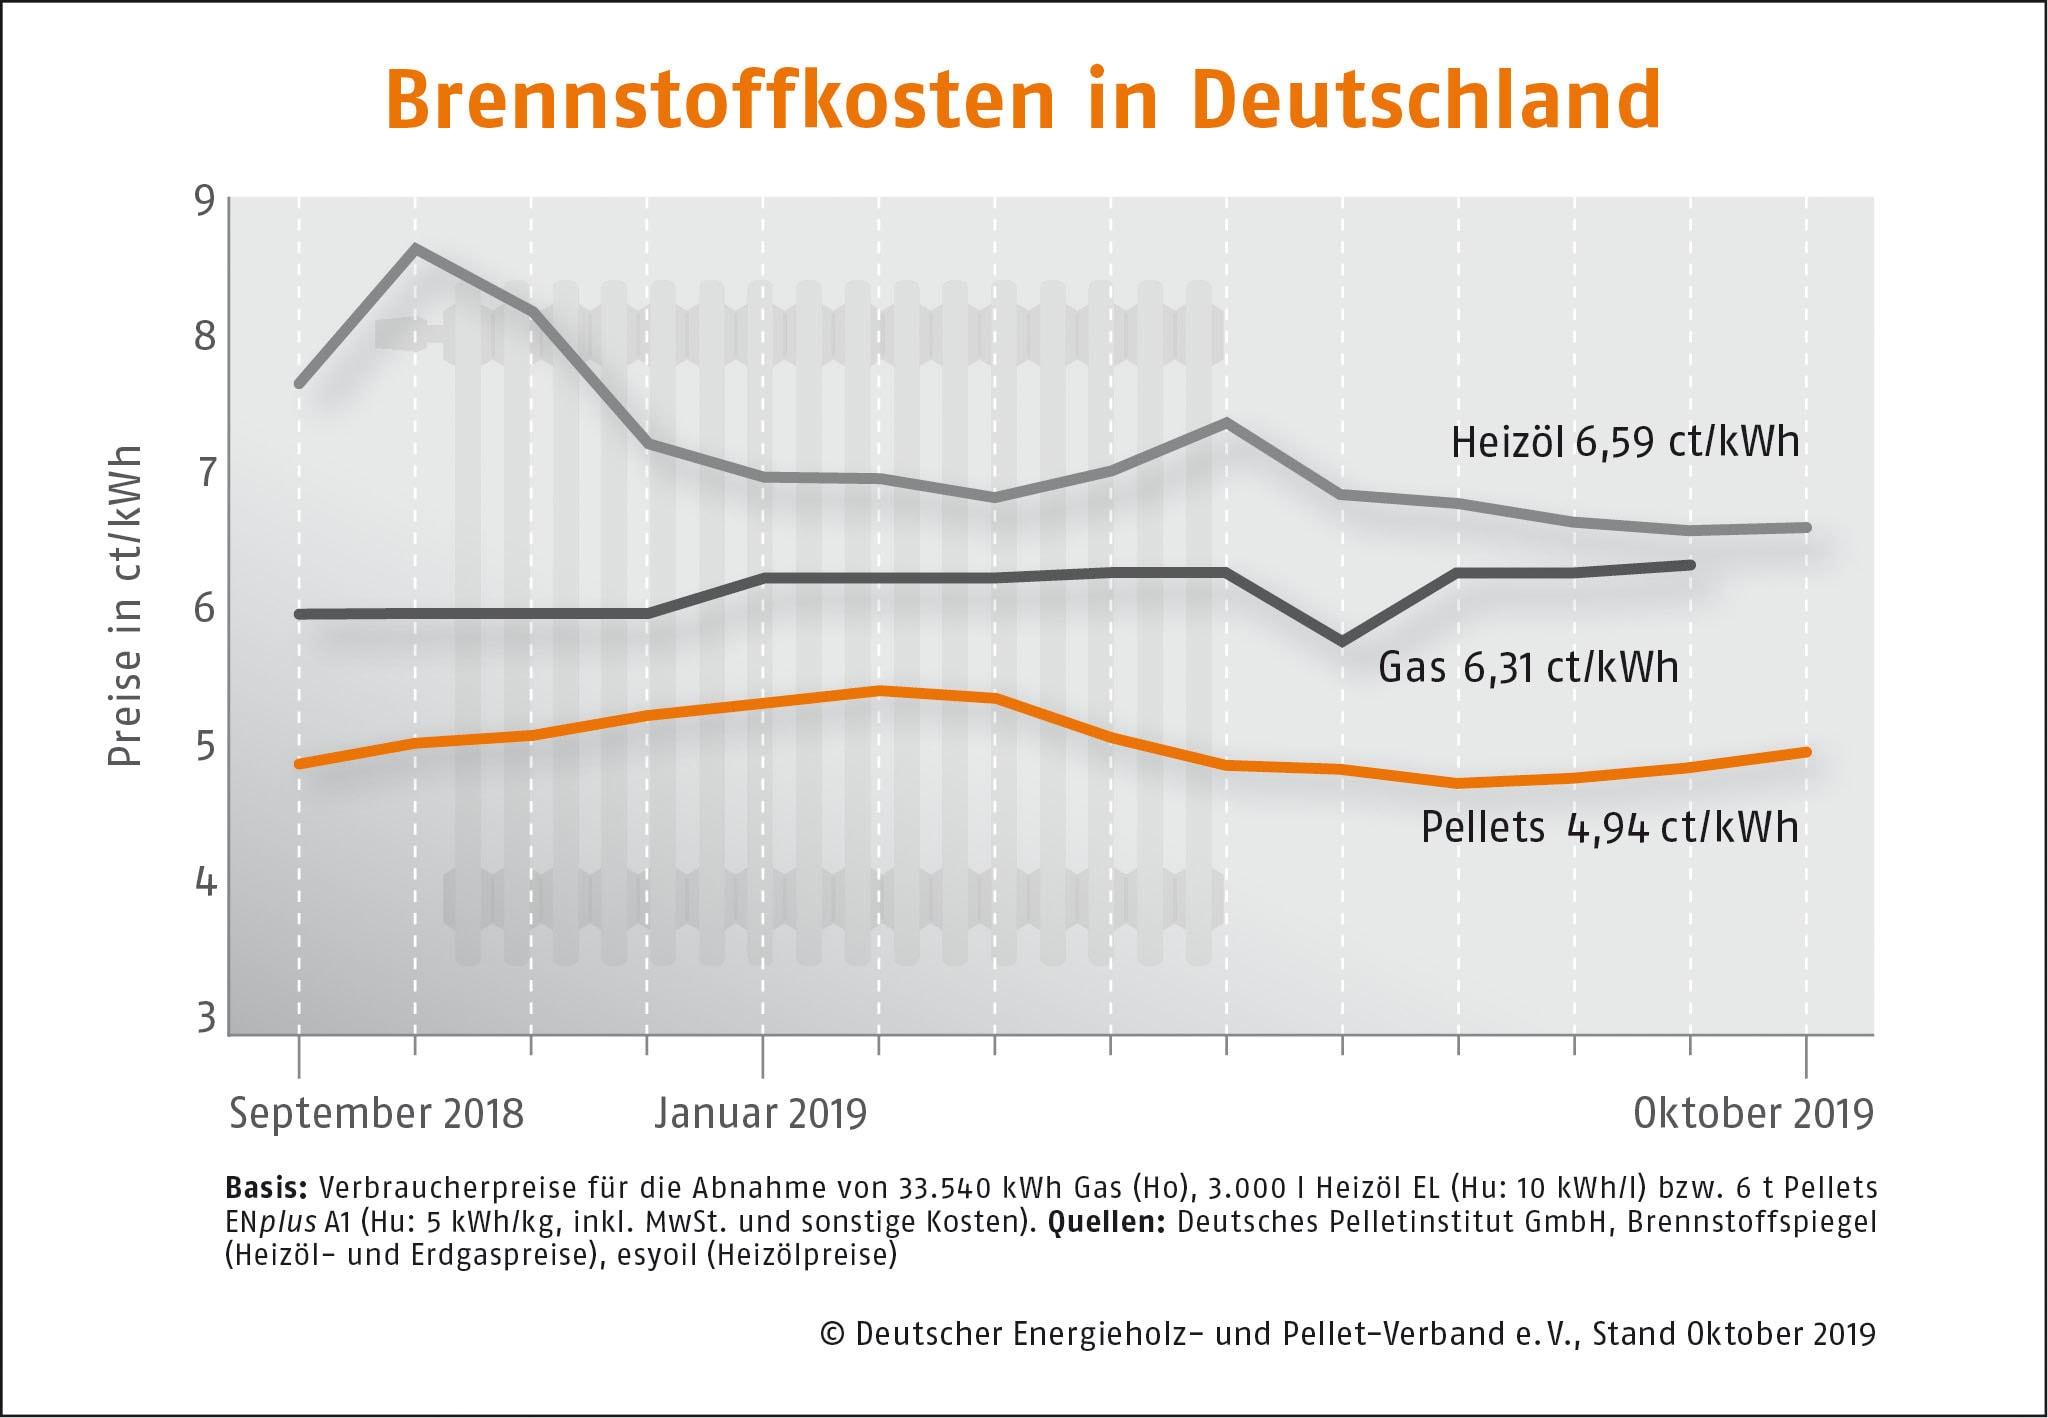 BrennstoffkostenvergleichOktober 2019